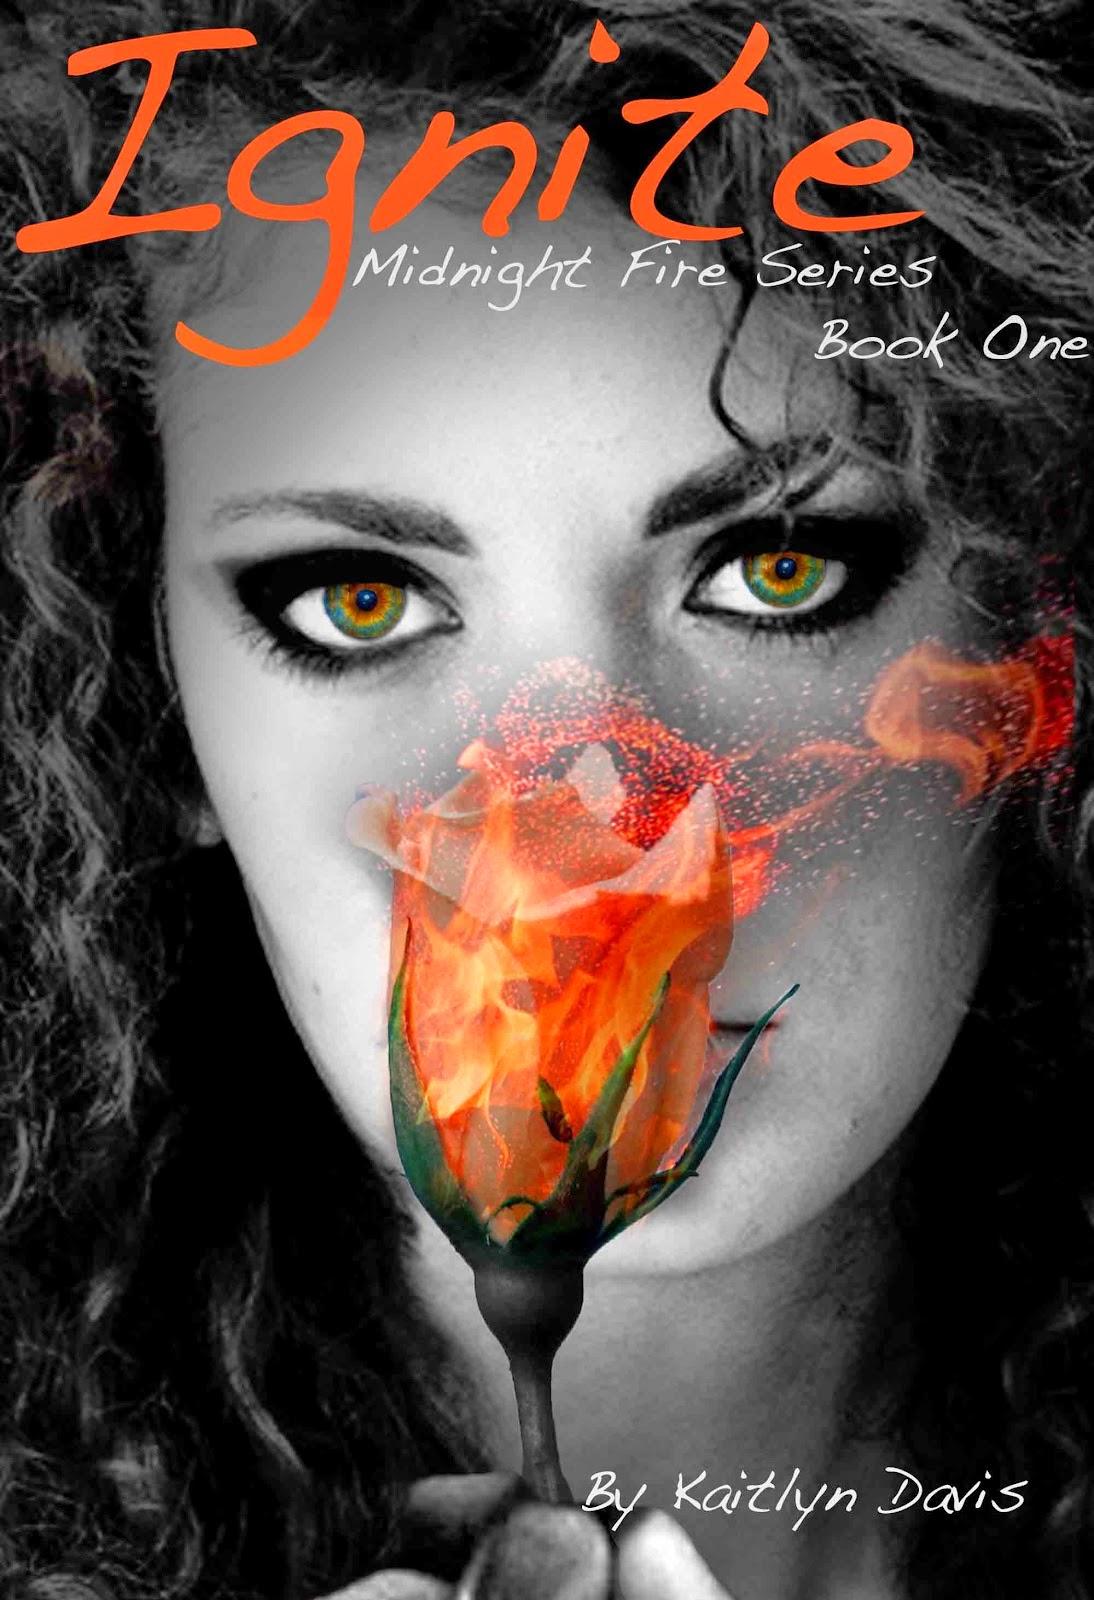 http://www.amazon.com/Ignite-Midnight-Fire-Book-1-ebook/dp/B005U8GQT6/ref=sr_1_6?s=books&ie=UTF8&qid=1419275299&sr=1-6&keywords=ignite